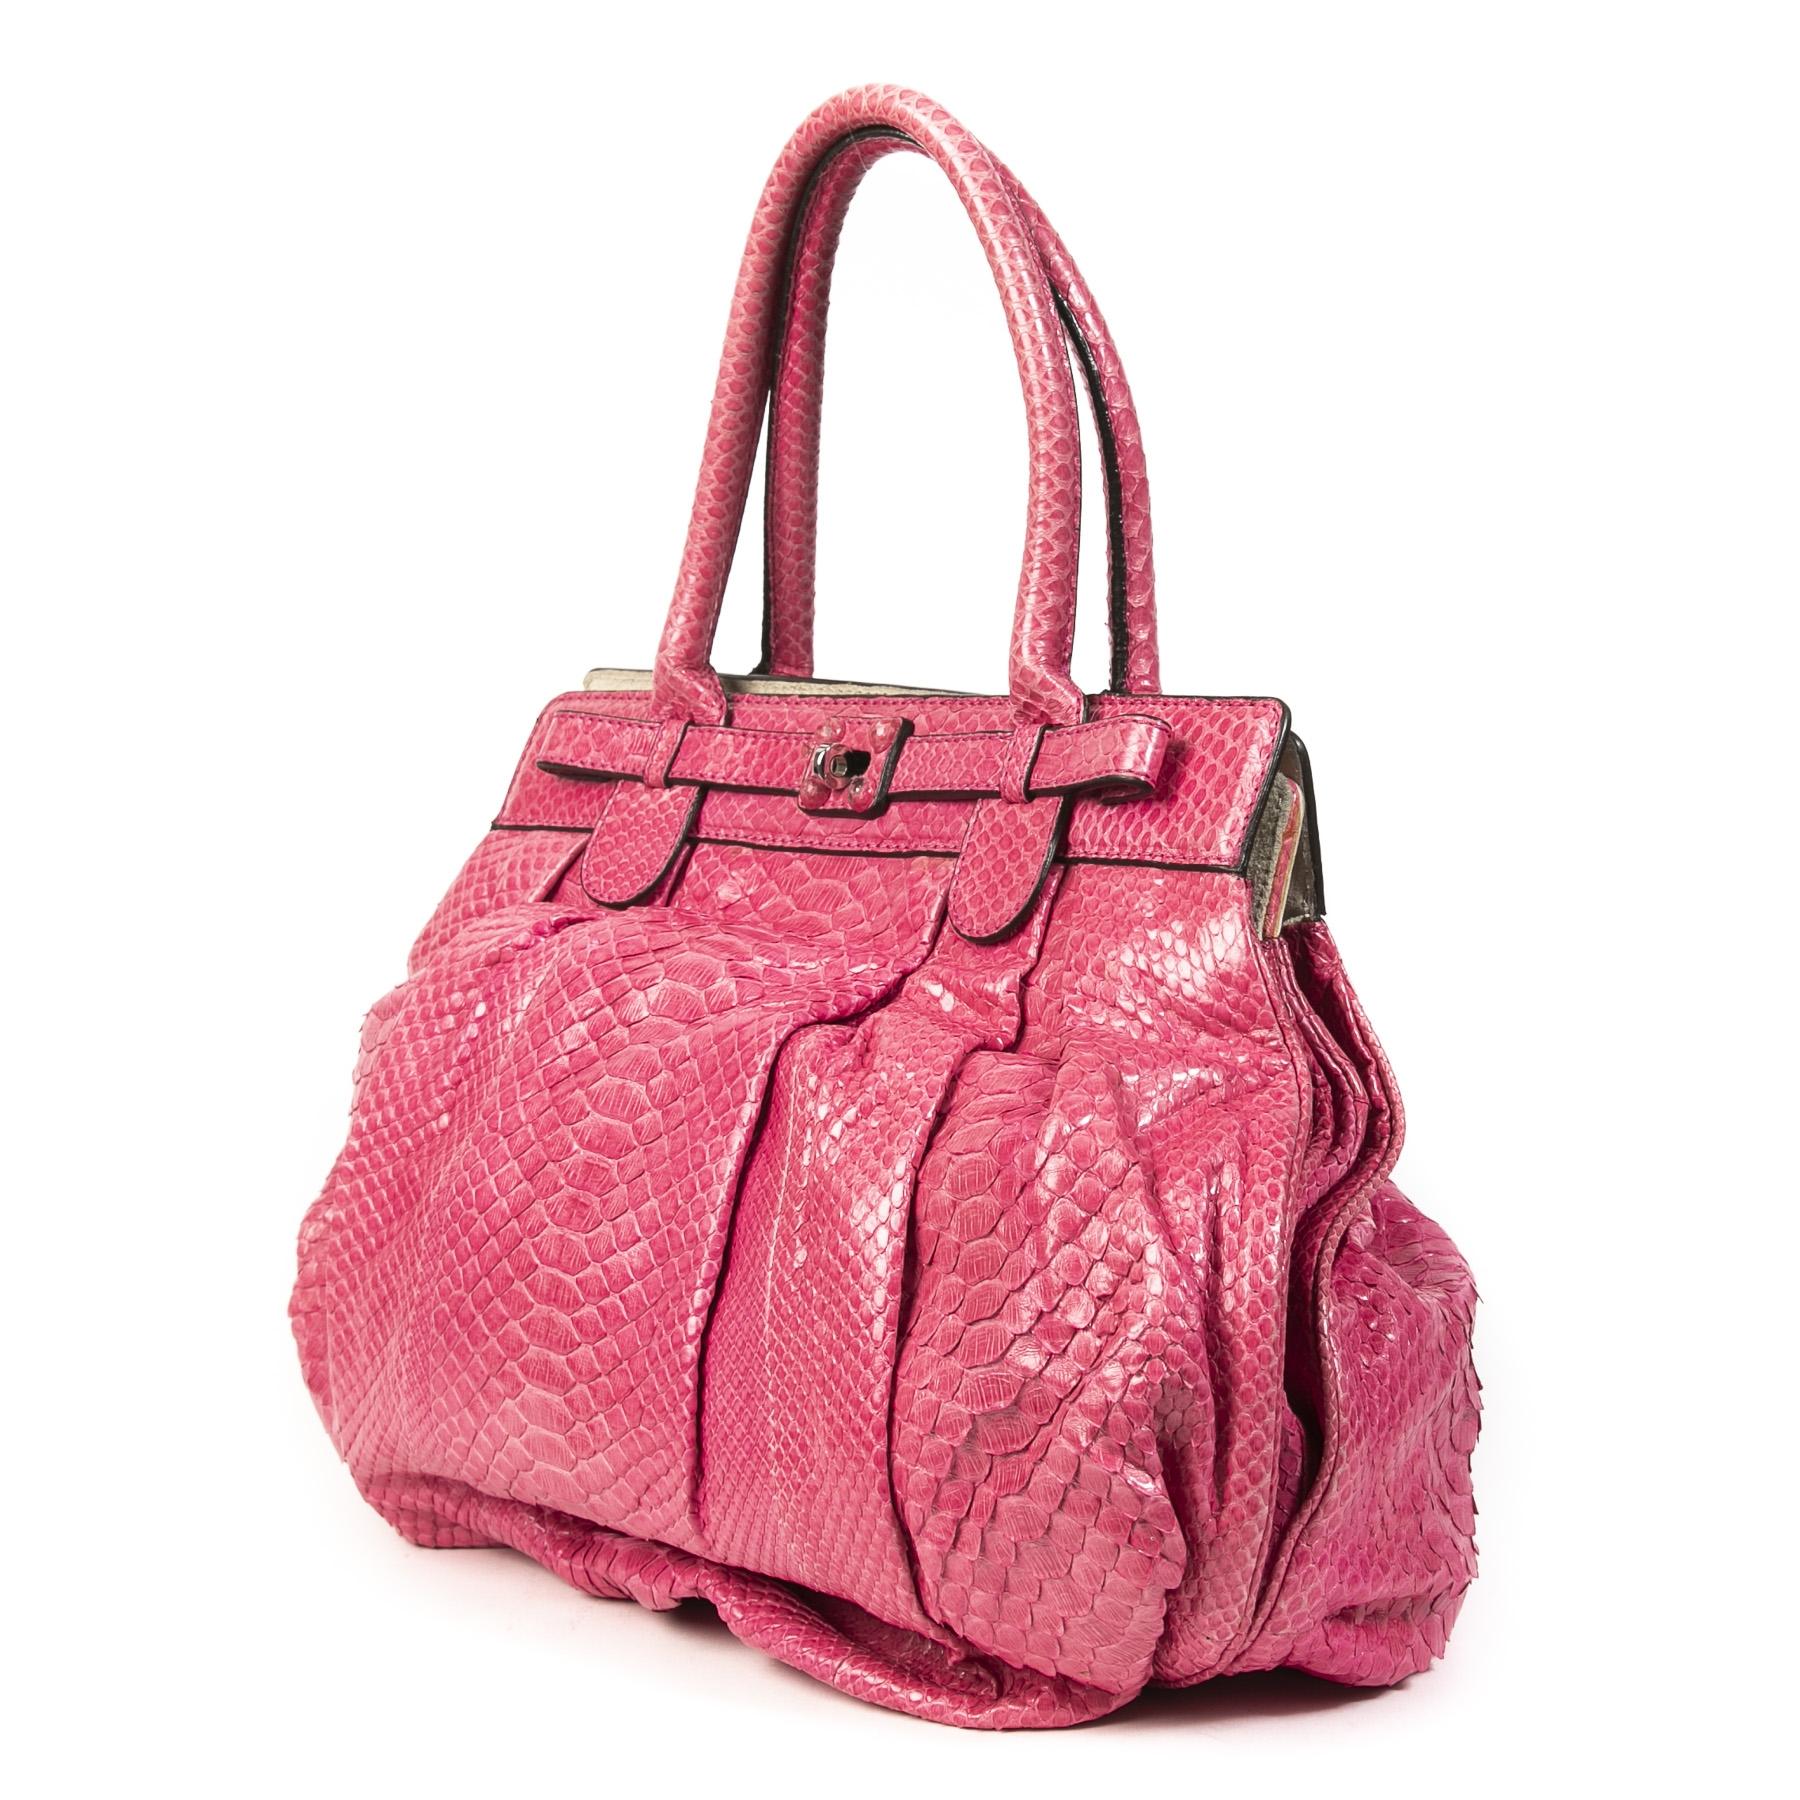 Zagliani Pink Python Puffy Hobo Bag pour le meilleur prix chez Labellov à Anvers